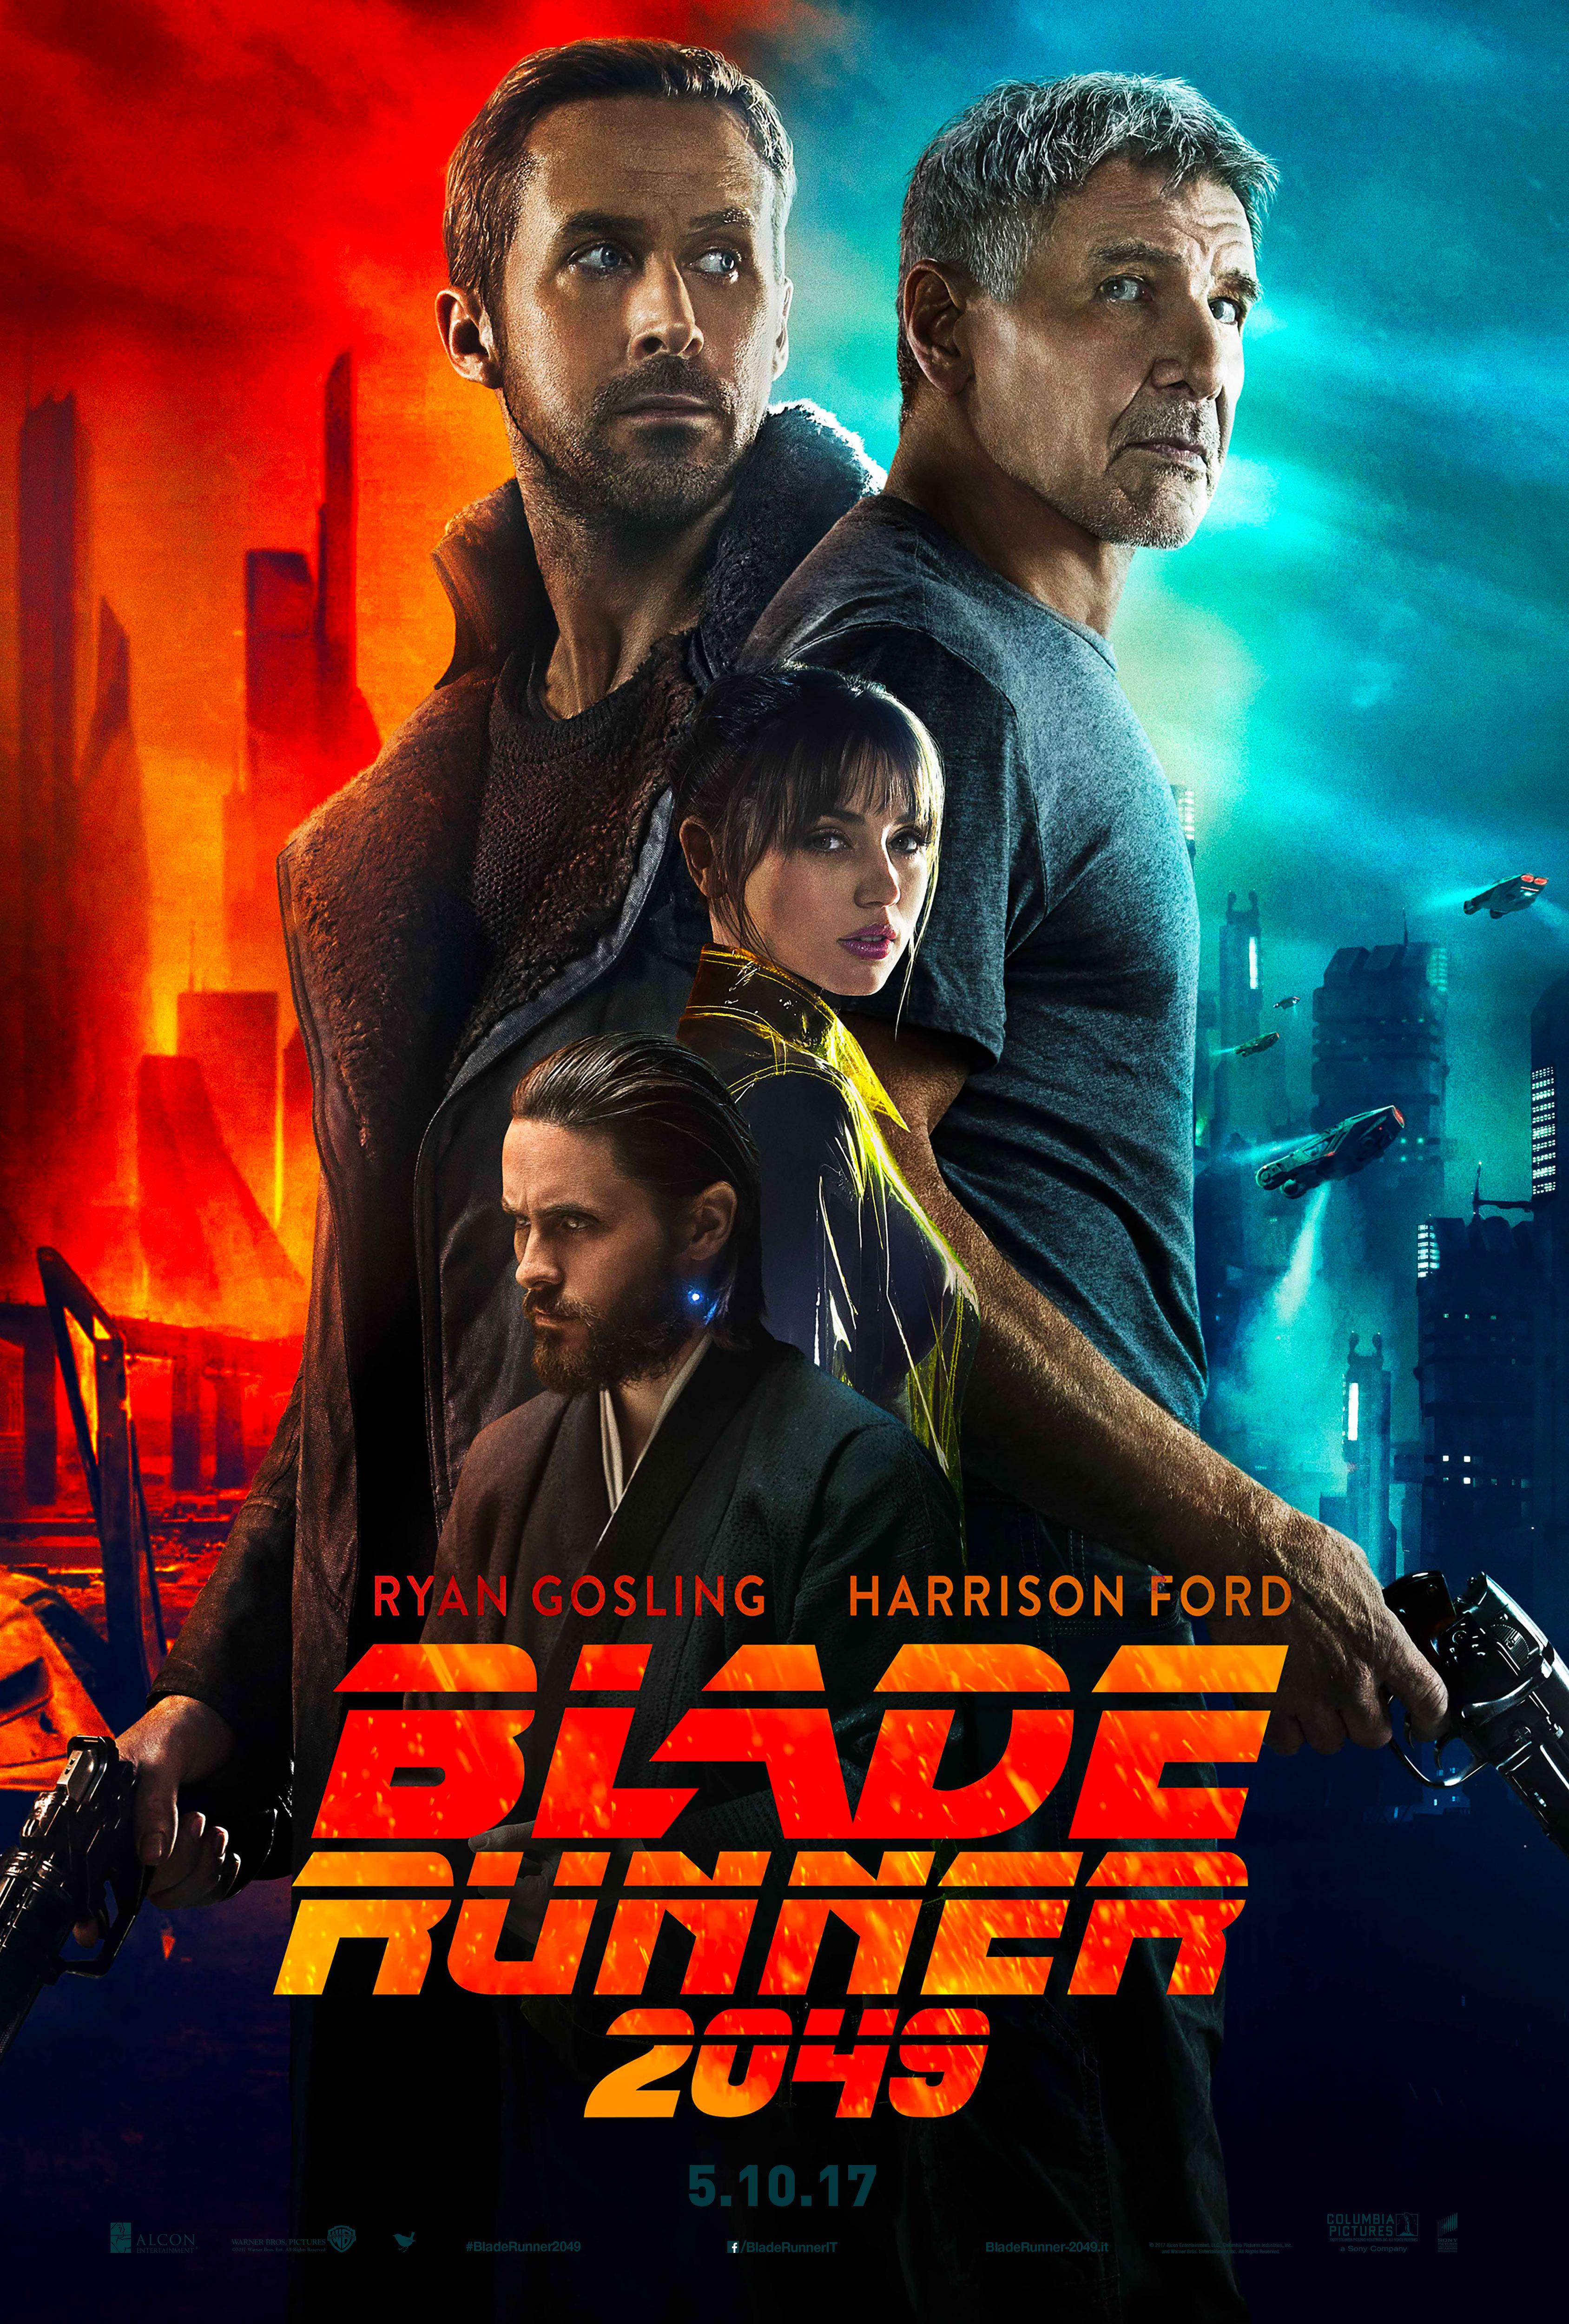 Untitled Blade Runner follow up